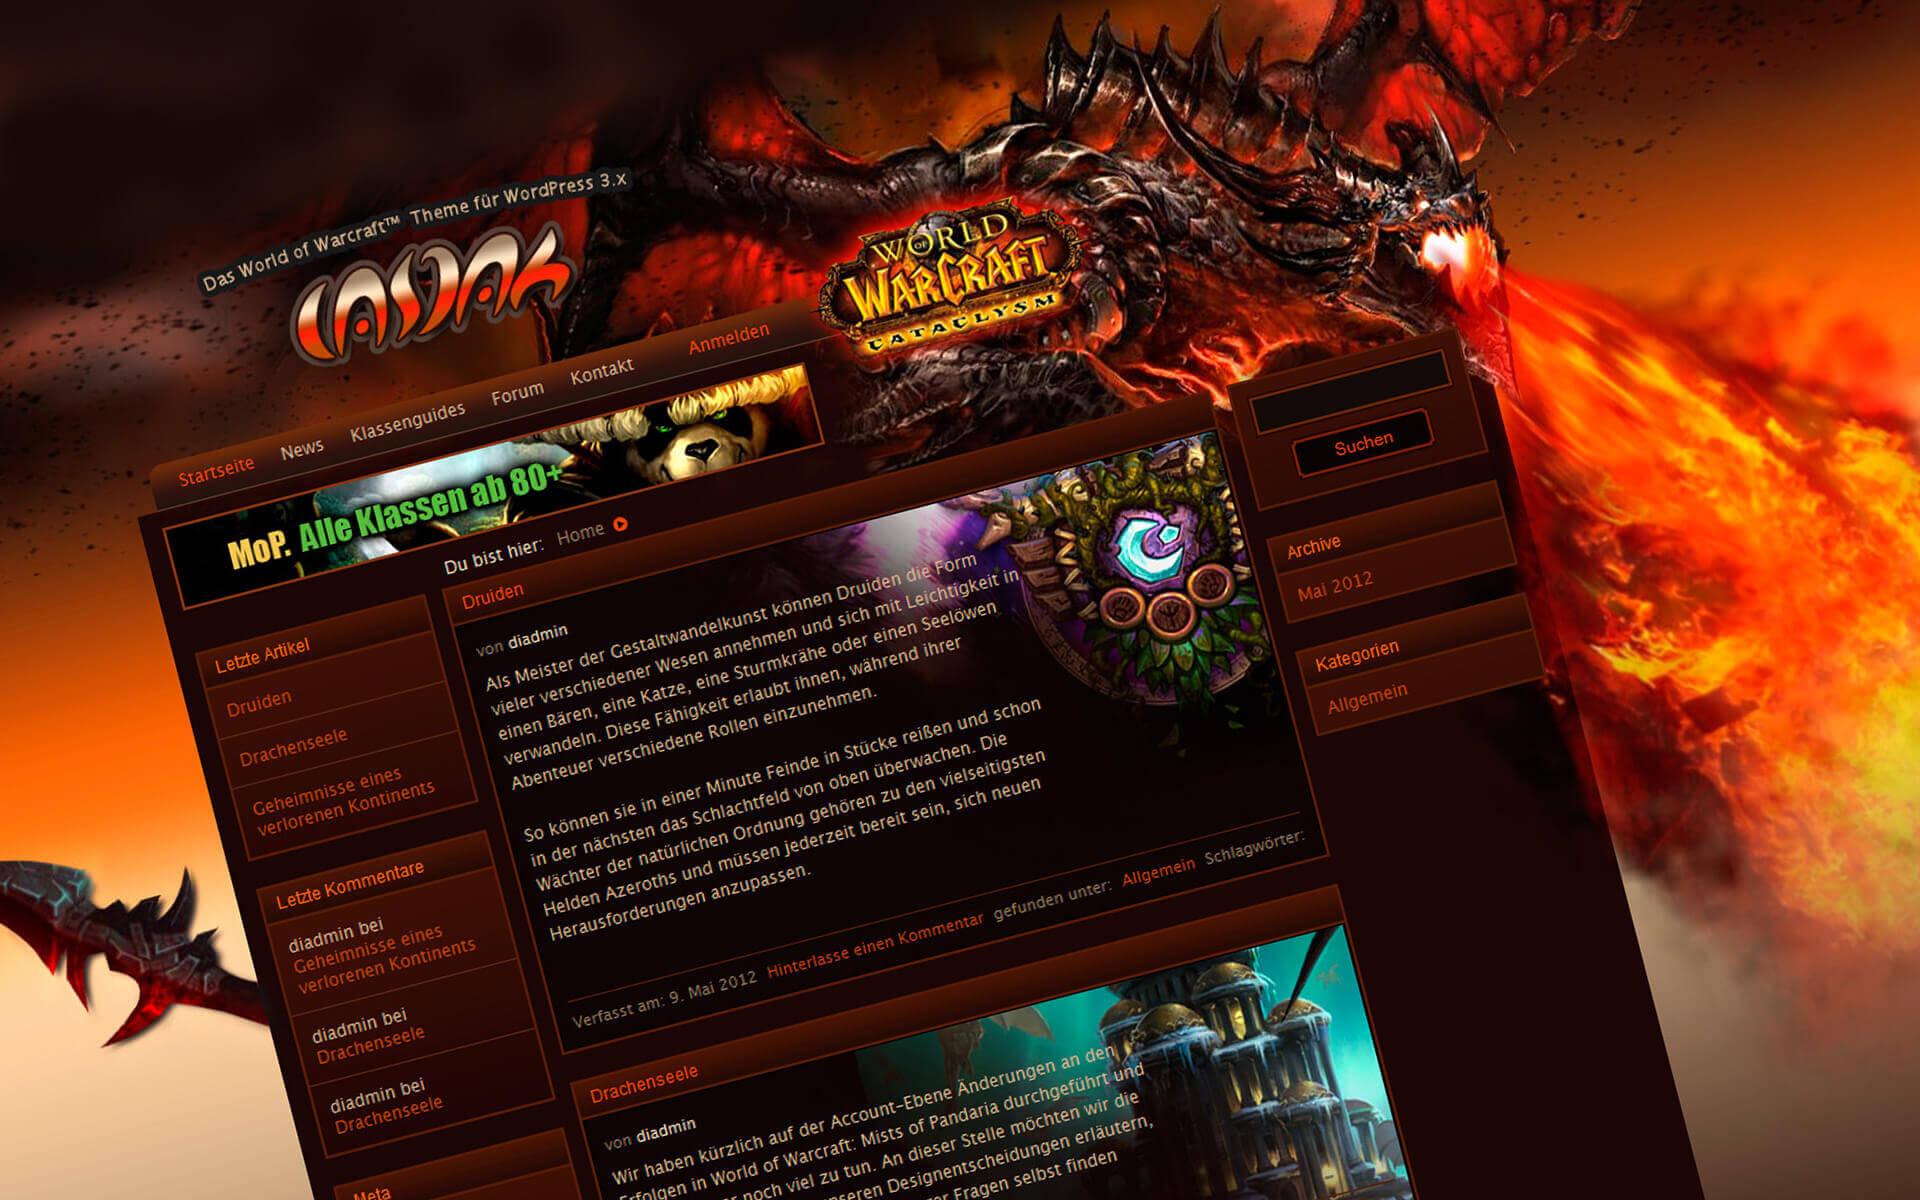 WordPress Theme - Casdah für World of Warcraft